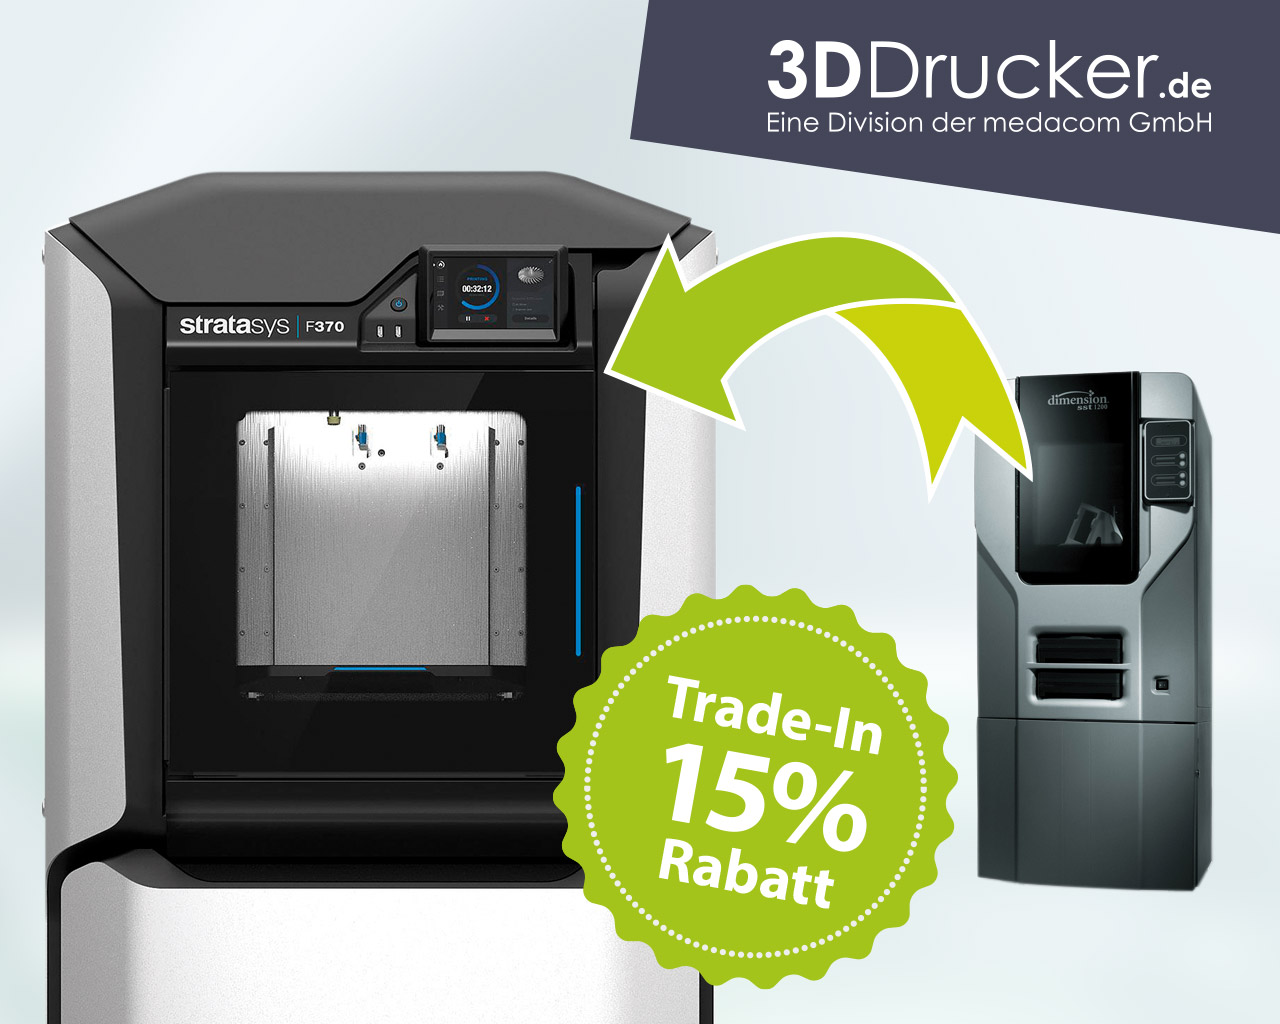 3D Druck Angebot   15% TradeIn-Rabatt